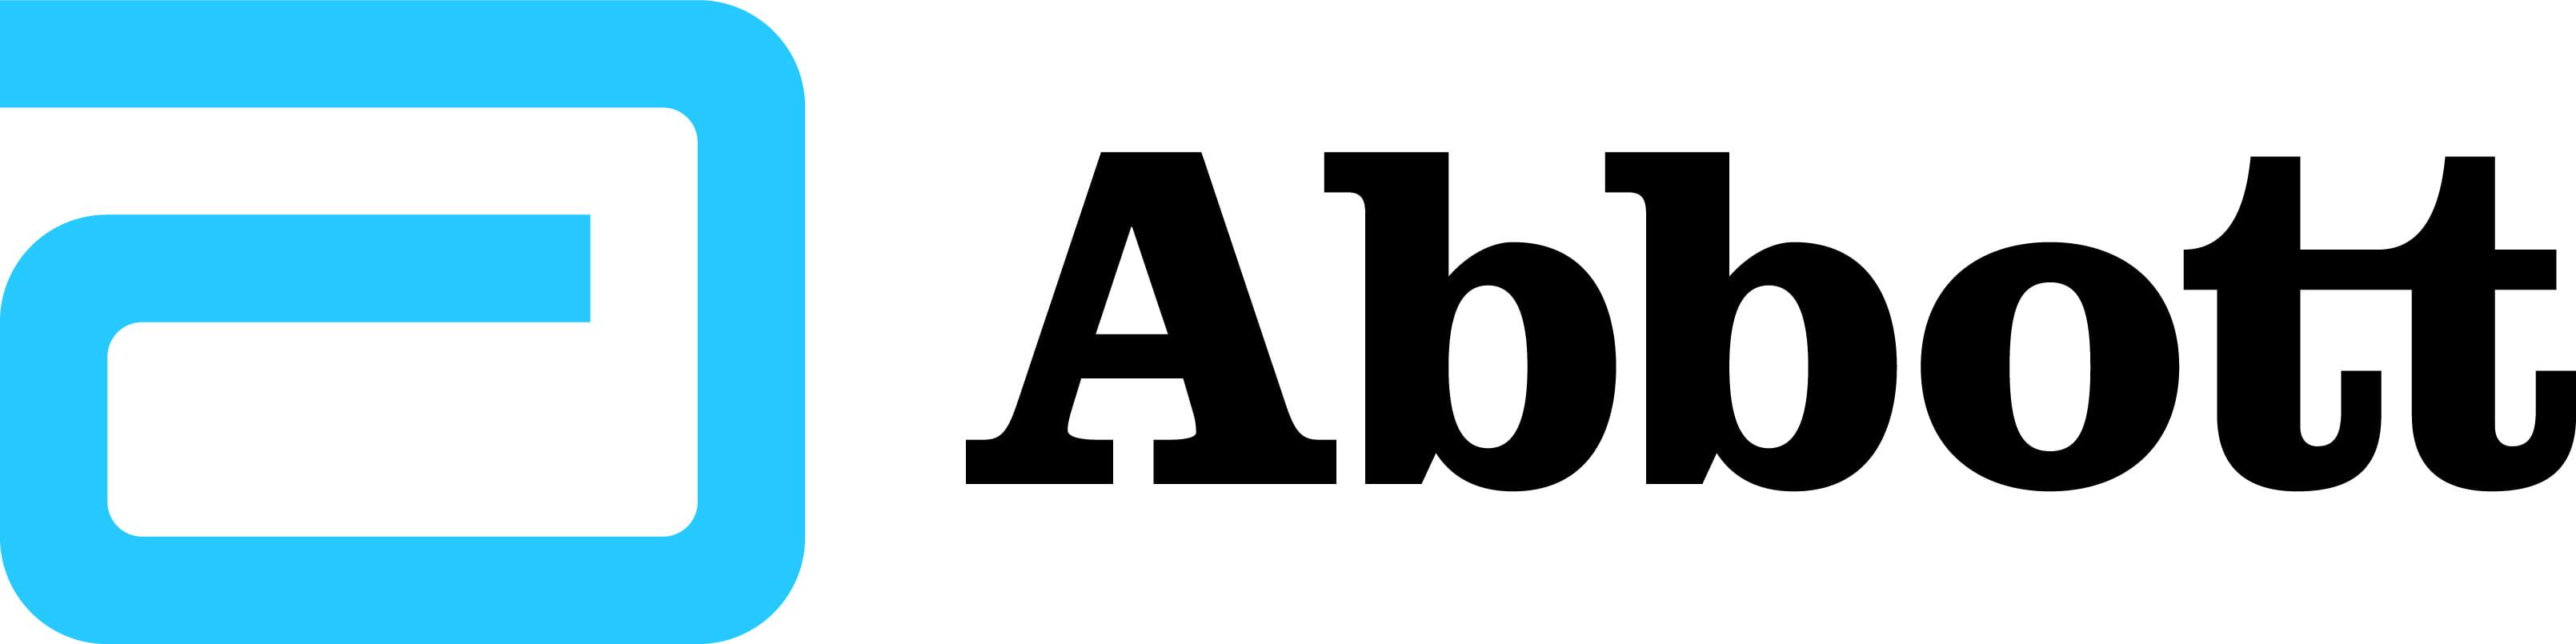 abbott_logo_horizontal